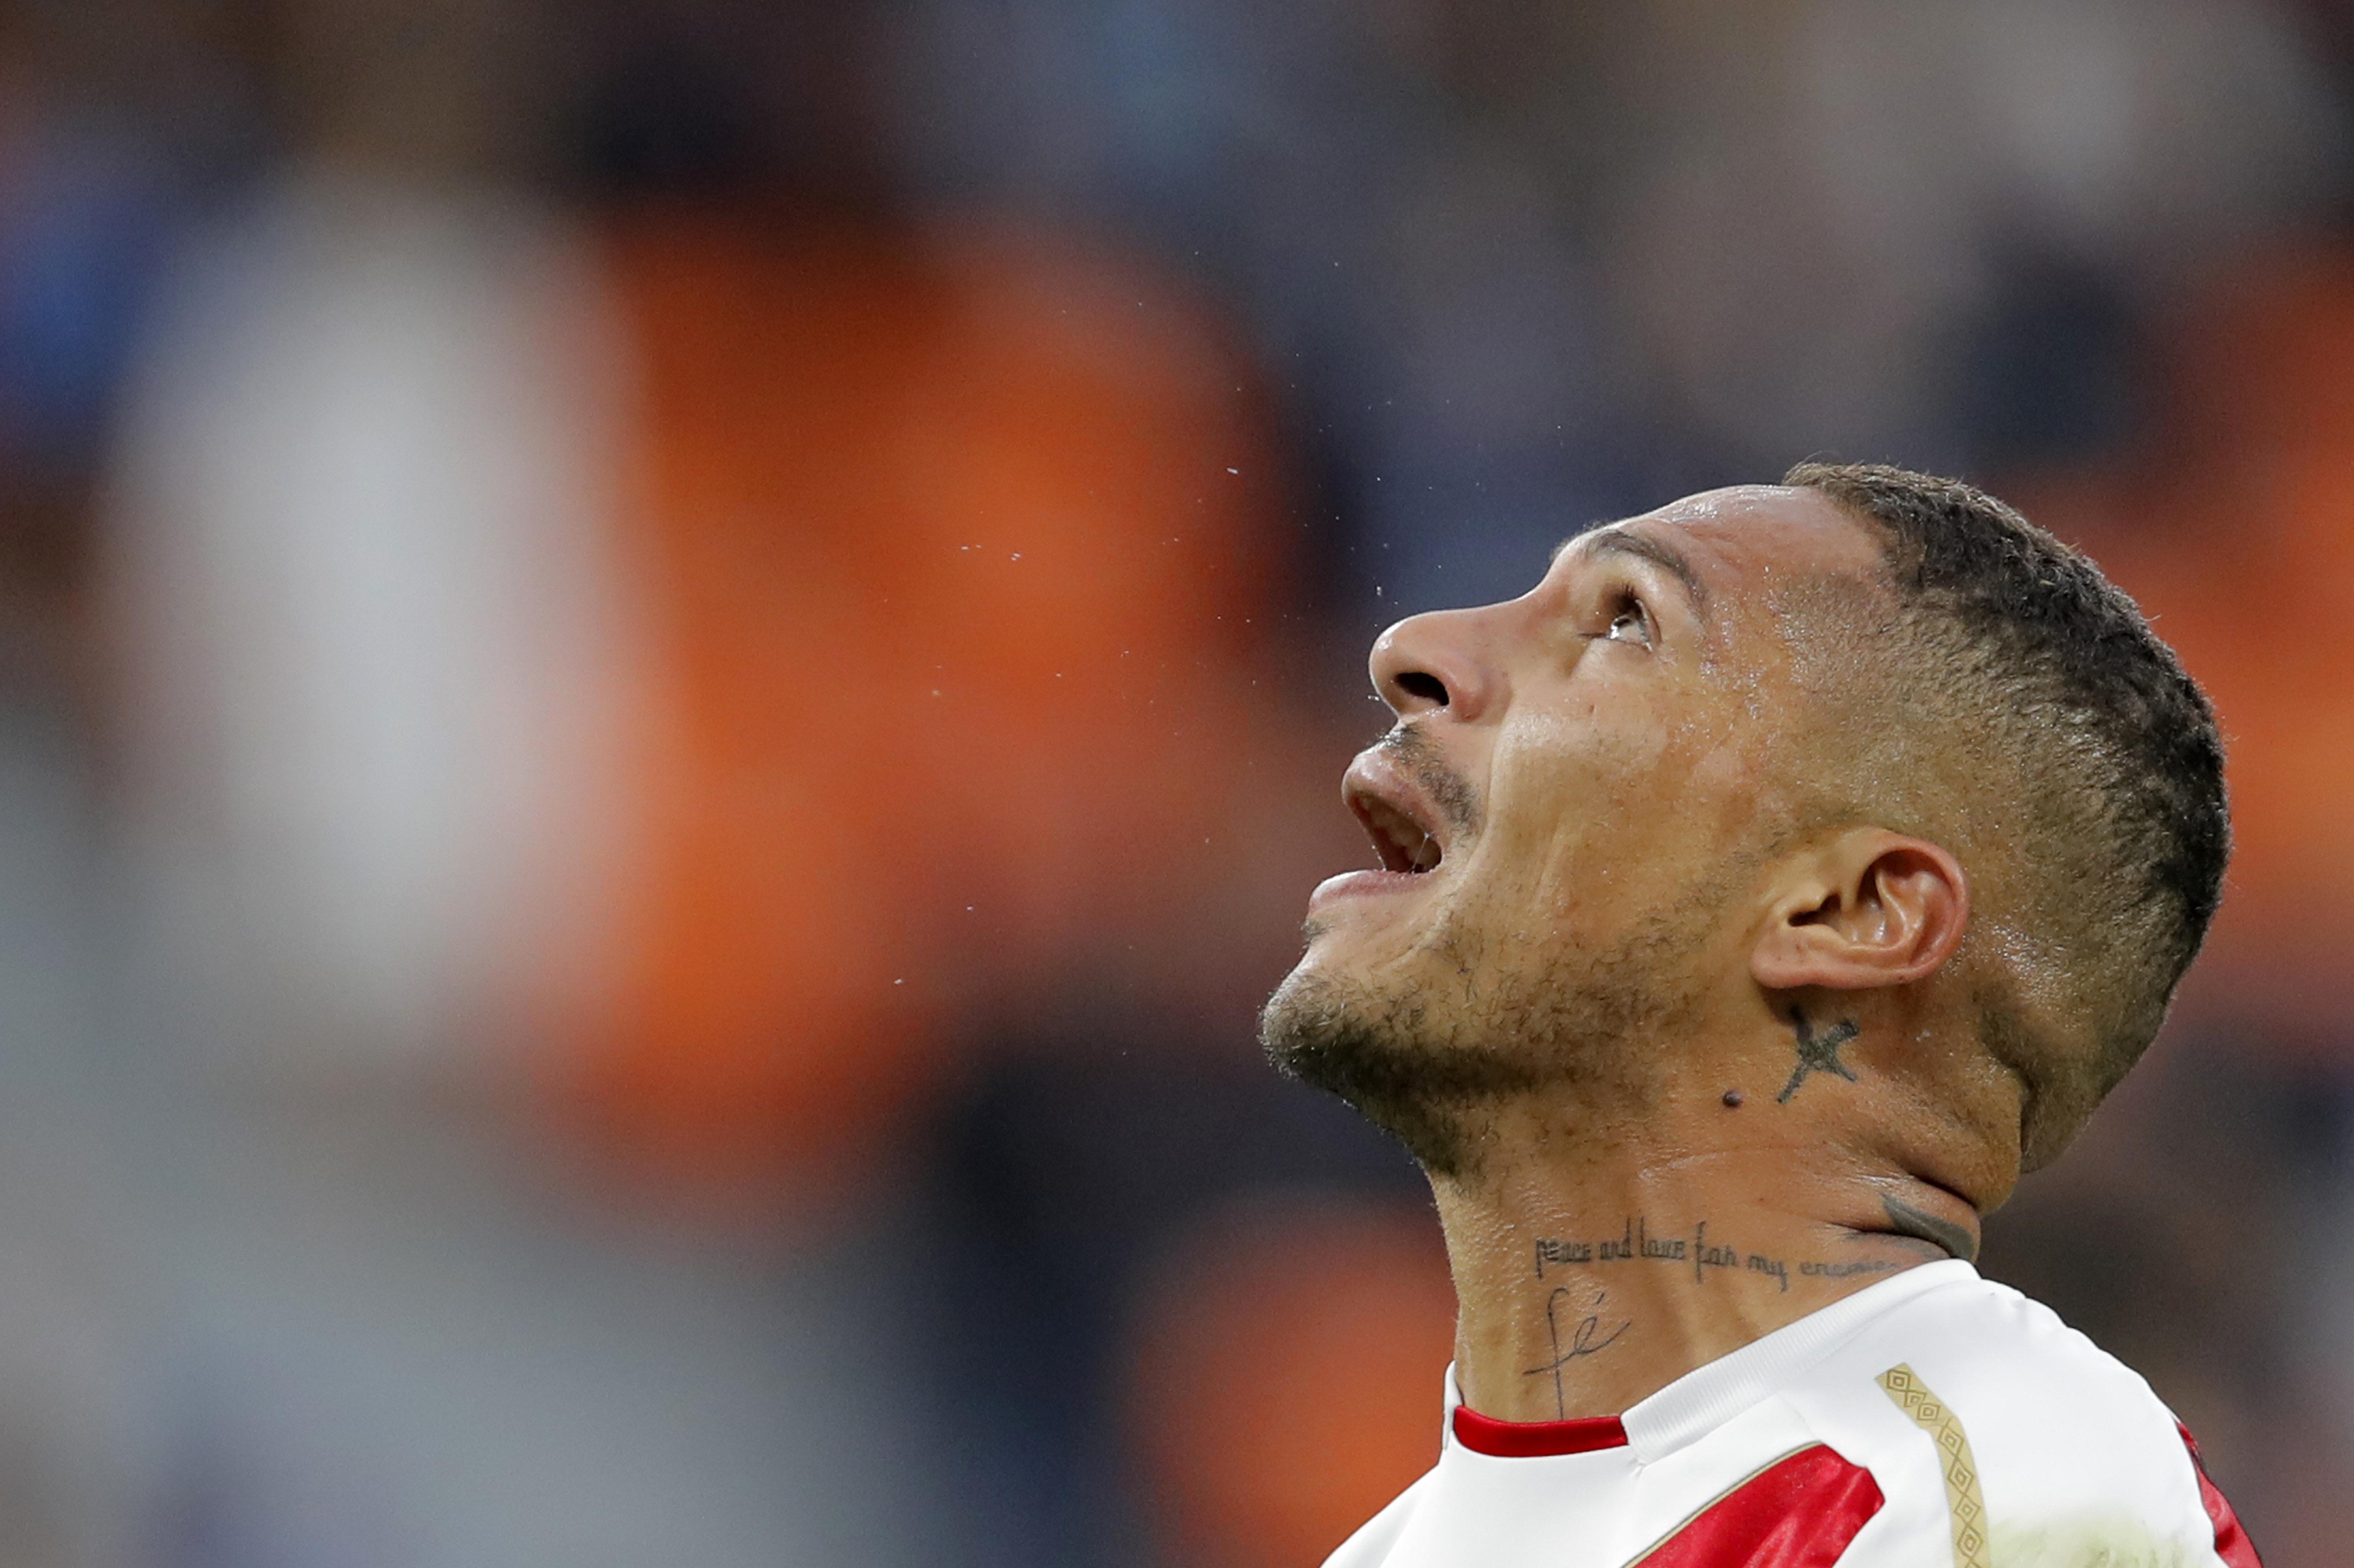 Paolo Guerrero lamenta a derrota da seleção peruana para a França durante a Copa do Mundo. O jogador foi quase cortado da competição.